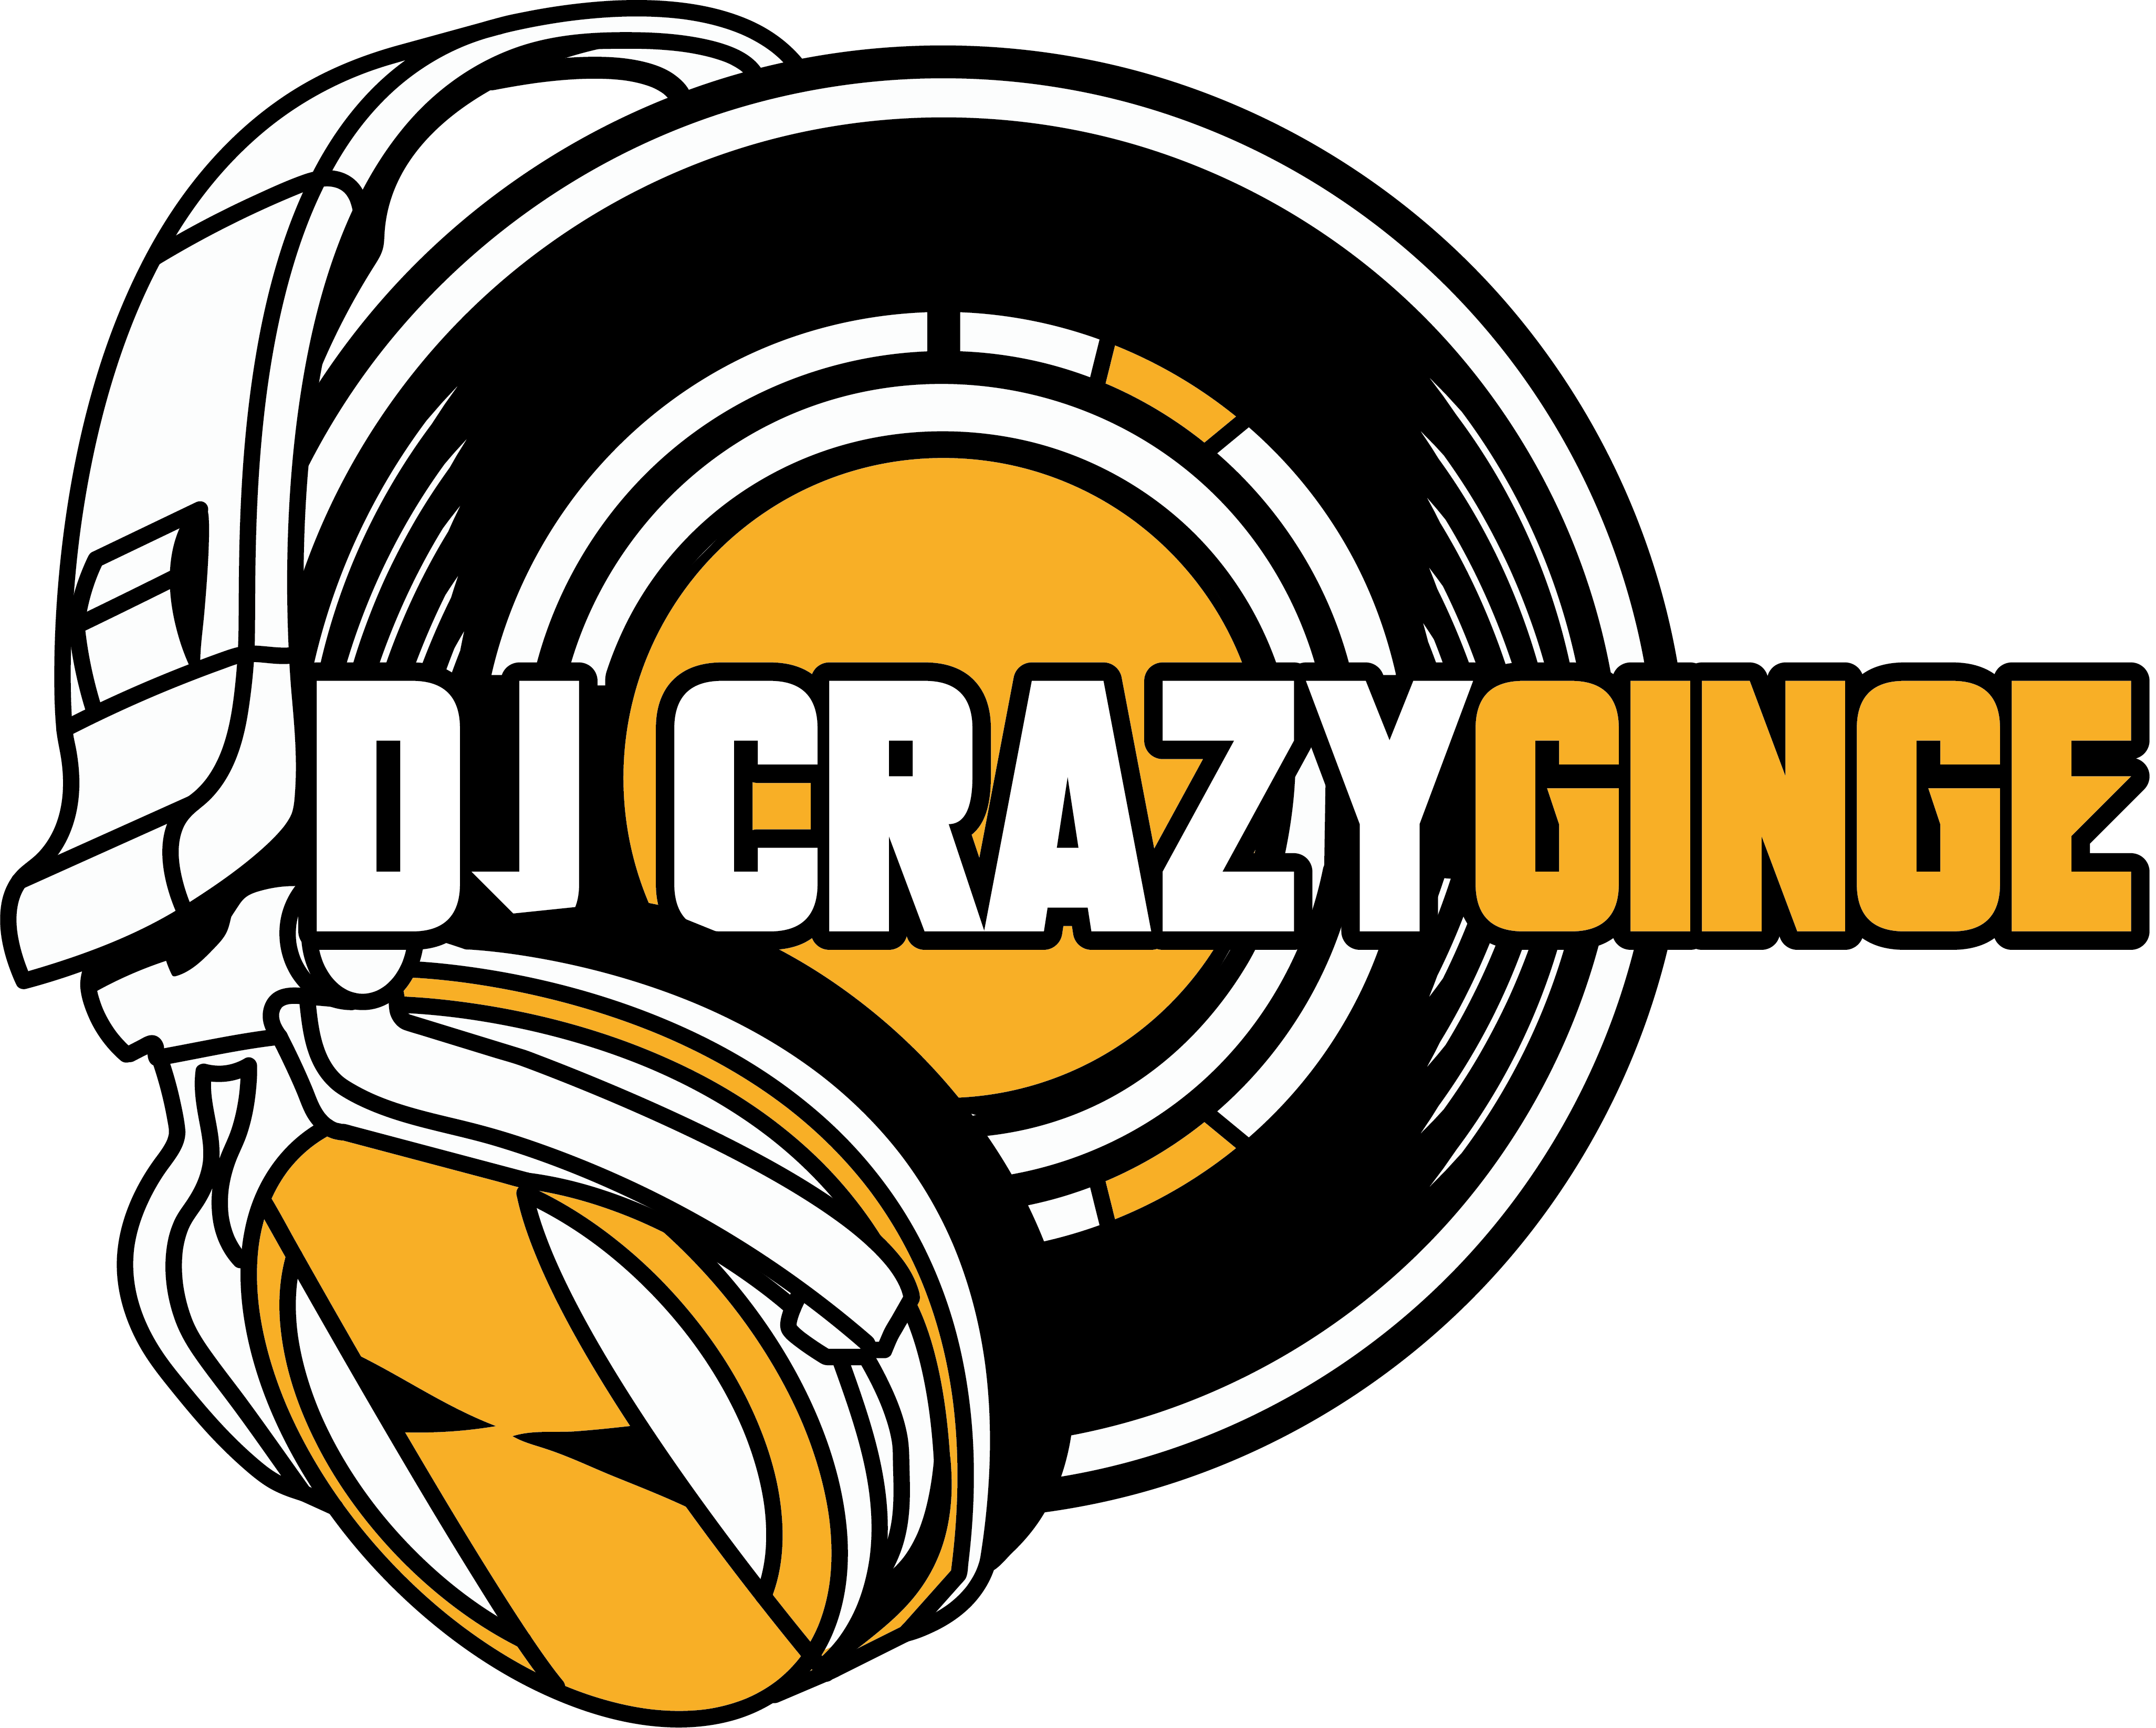 Dj Crazyginge